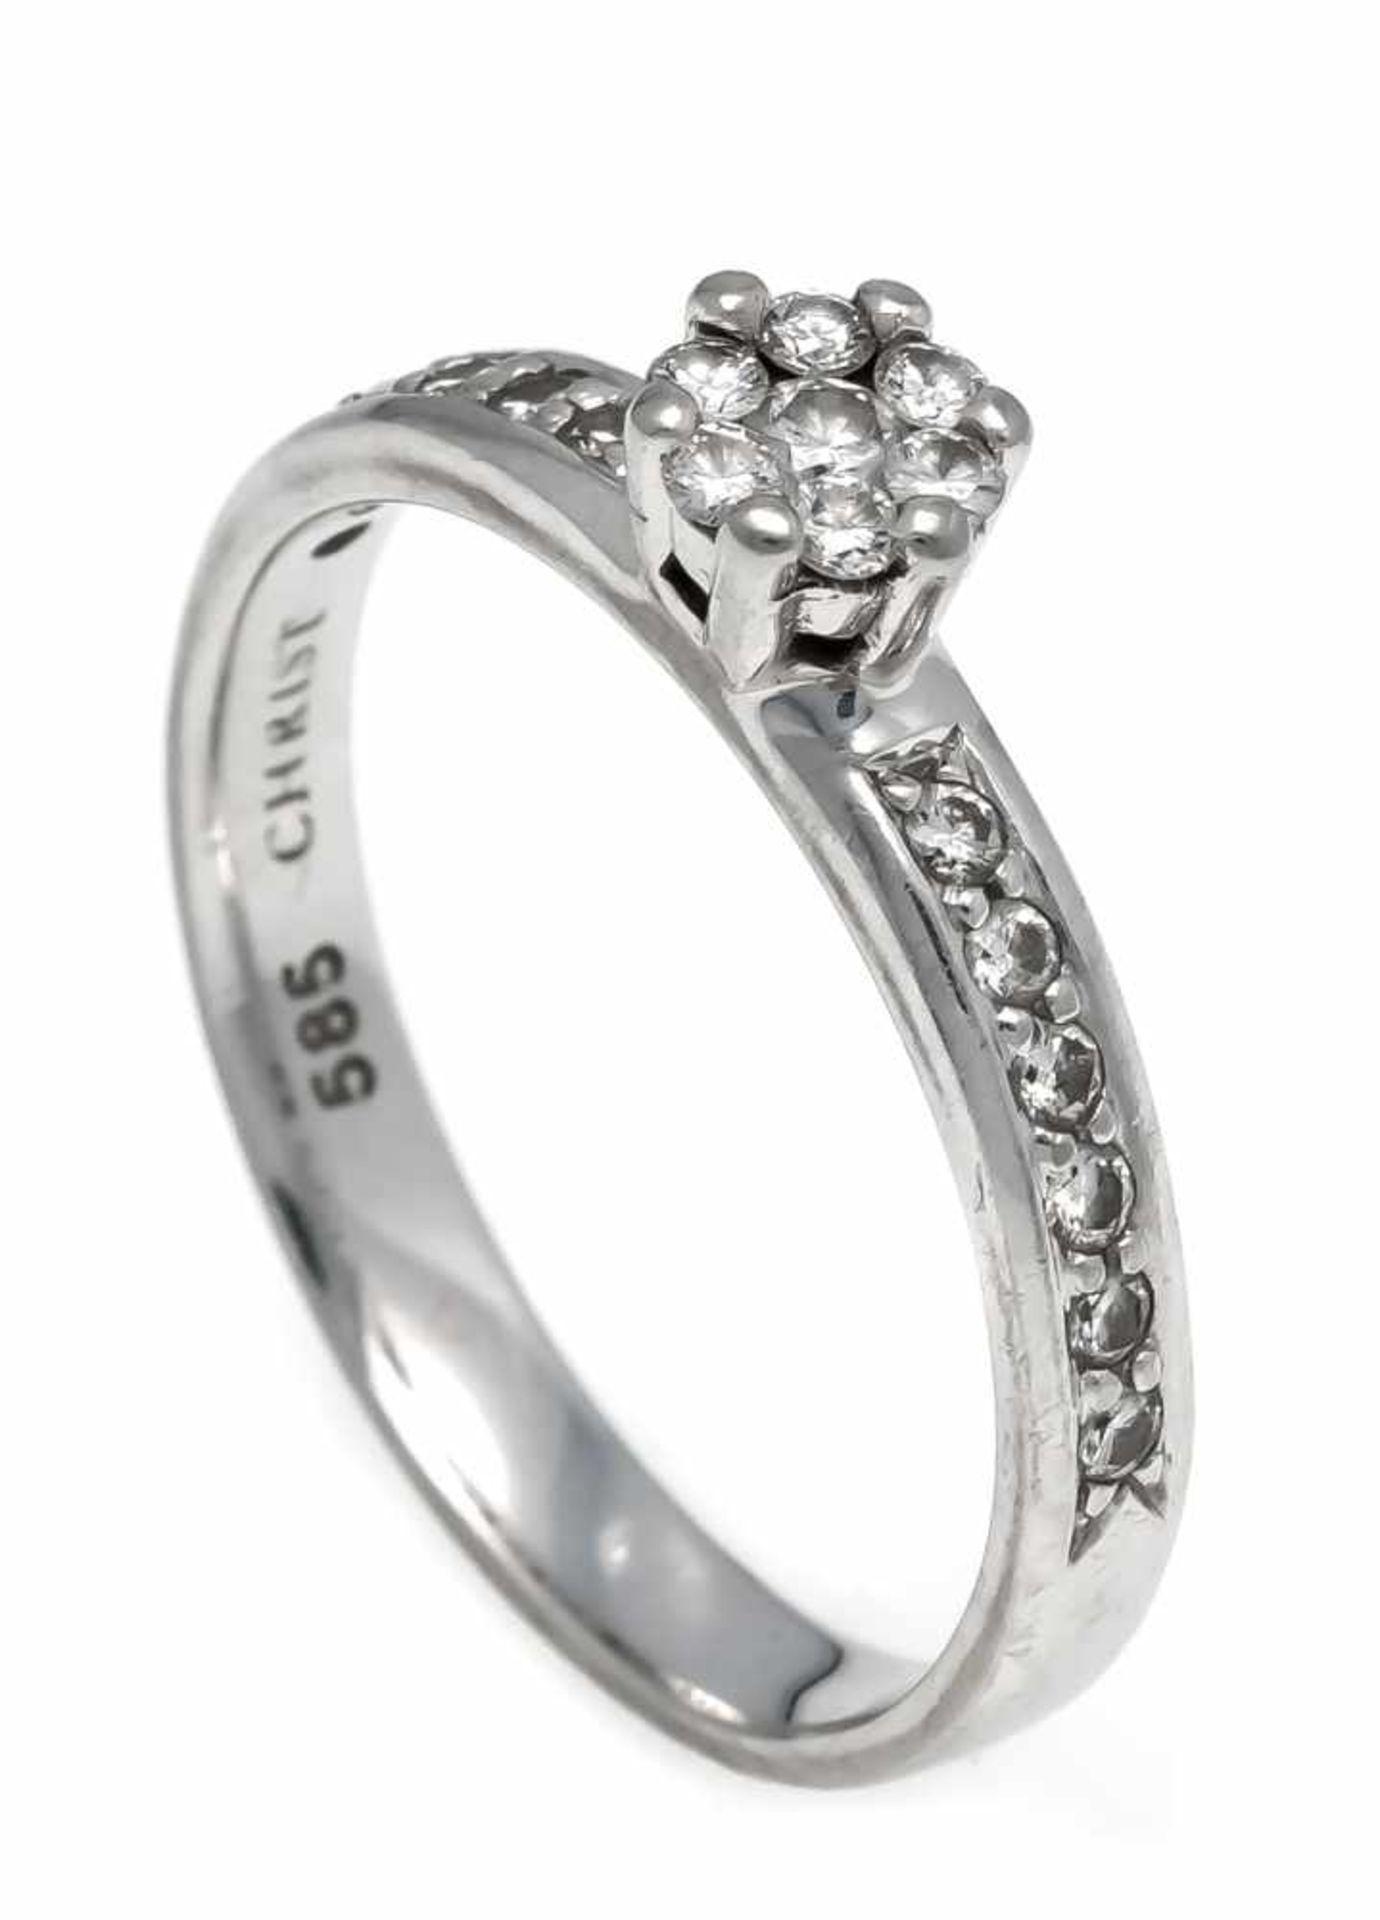 Christ Brillant-Ring WG 585/000 mit 19 Brillanten, zus. 0,48 ct W/VS, RG 54, 2,8 gChrist brilliant